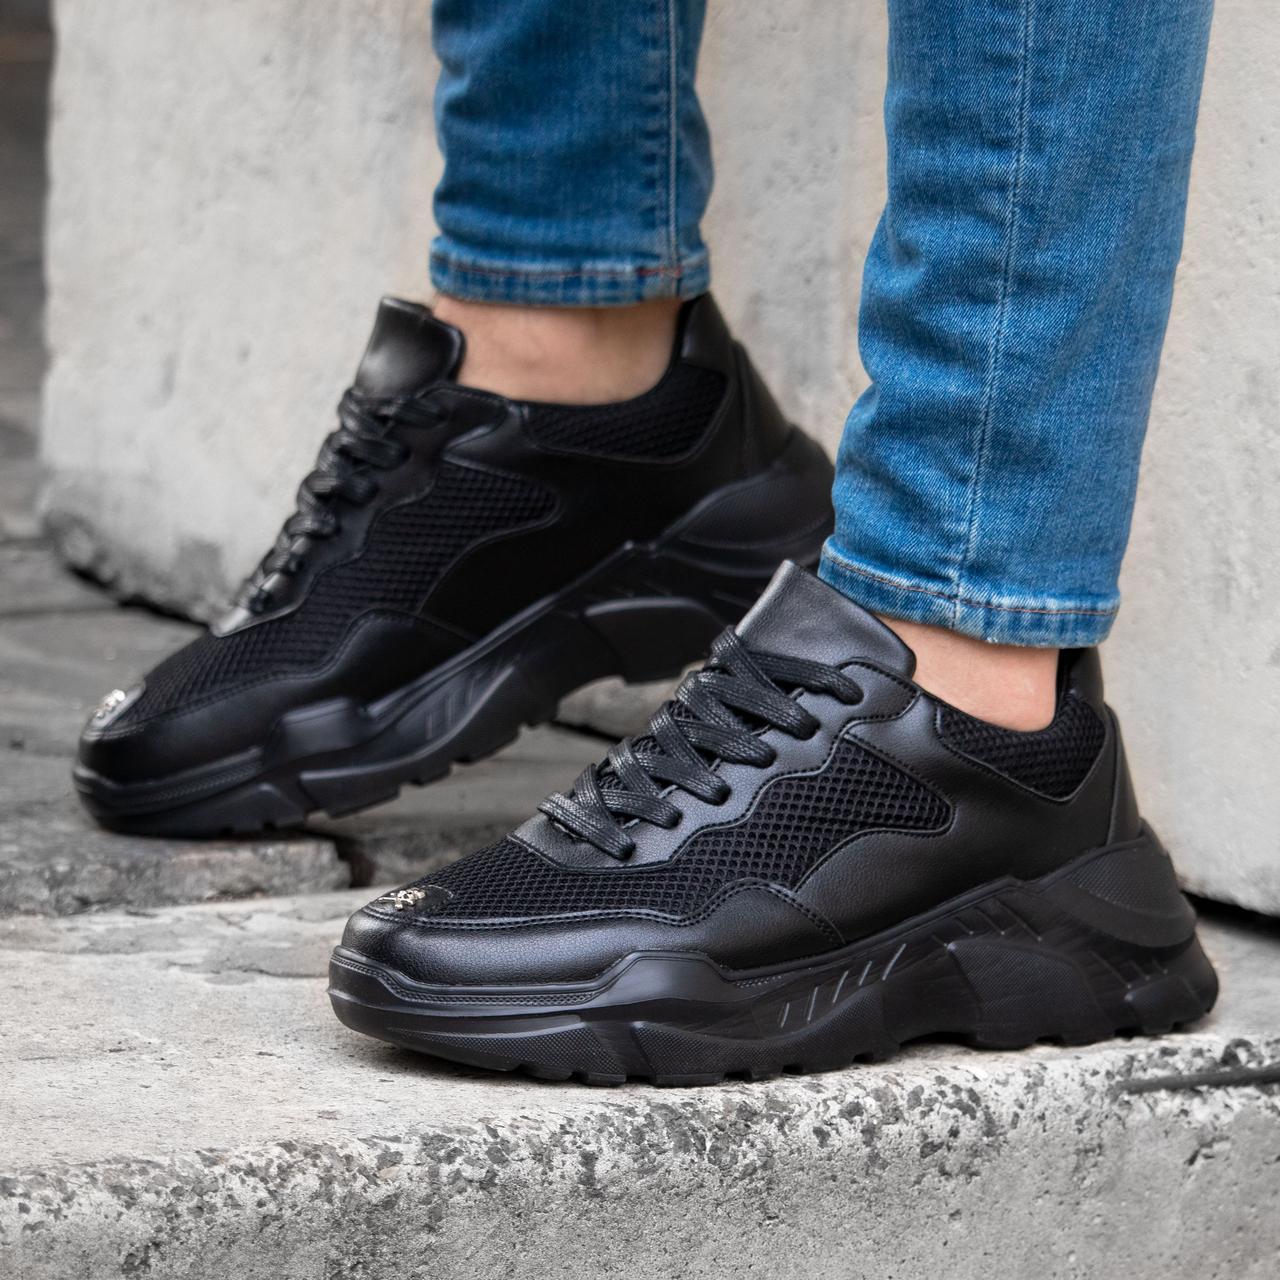 Мужские черные кроссовки в стиле Phillip Plein обувь мужская демисезонная обувь Размер 43,44